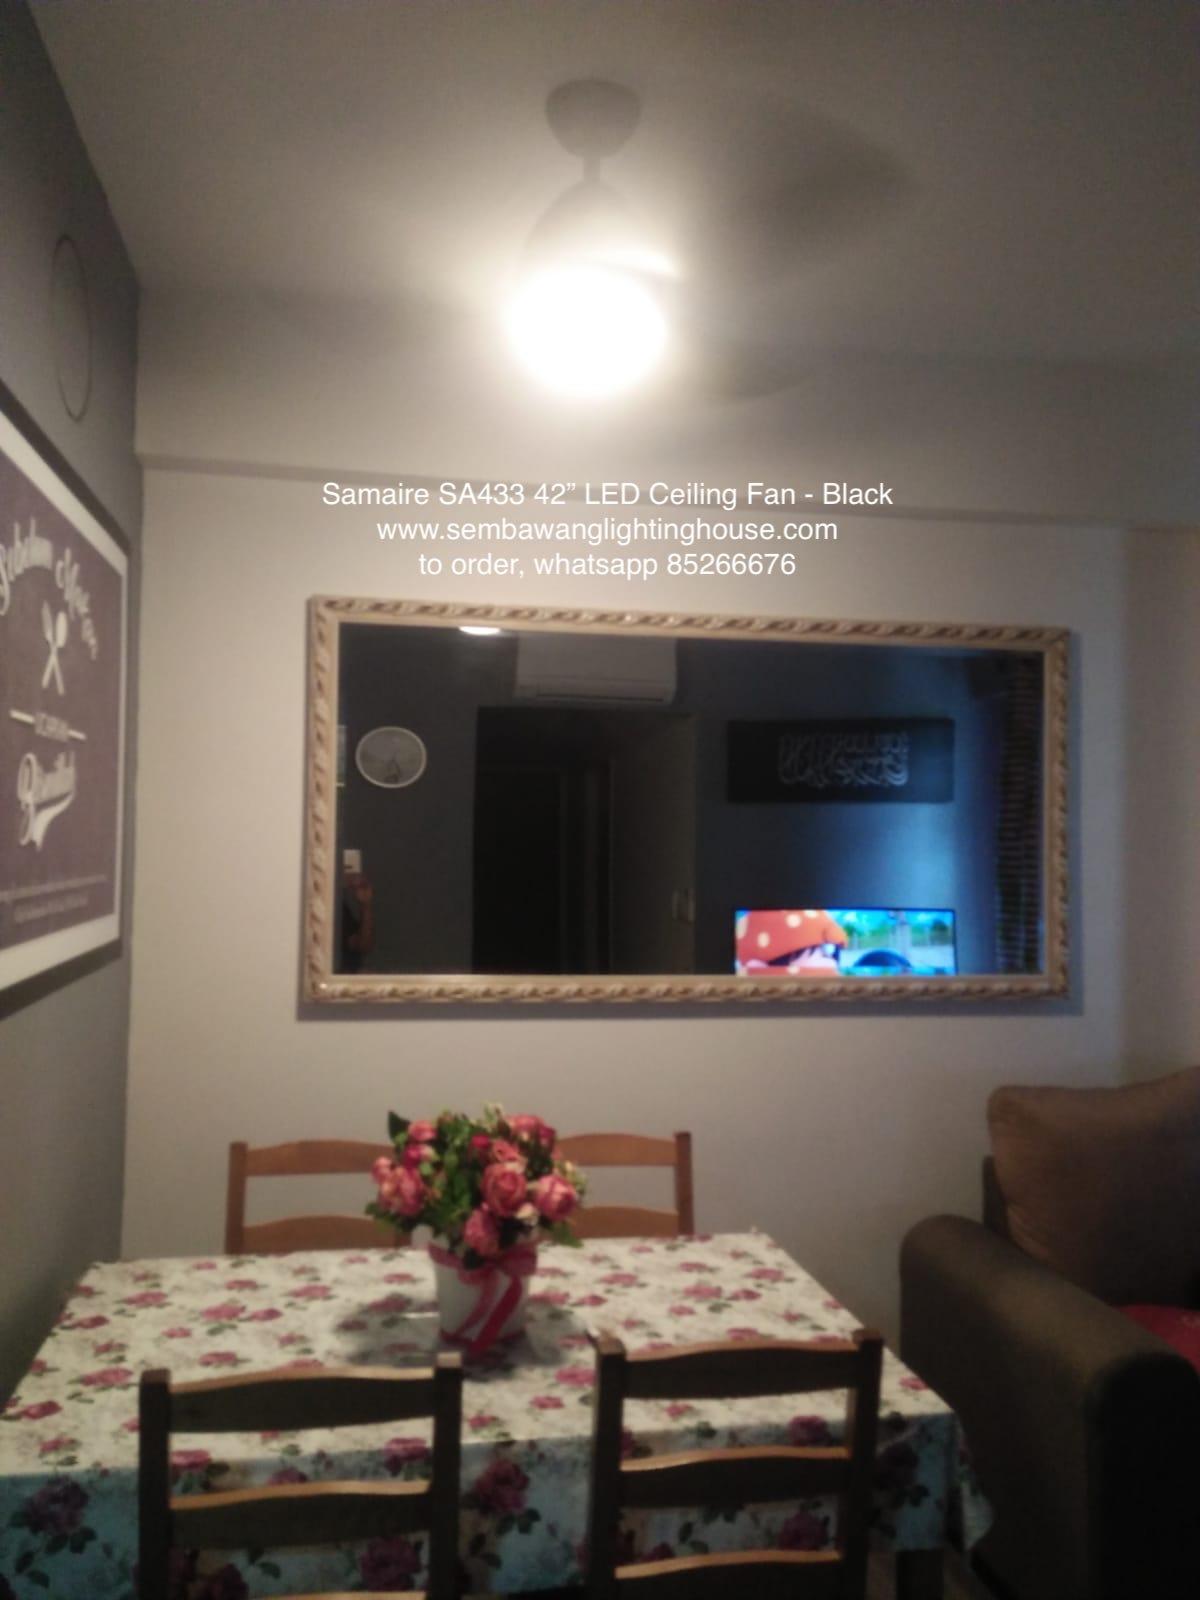 sample04-samaire-sa433-led-ceiling-fan-black-sembawang-lighting-house.jpg